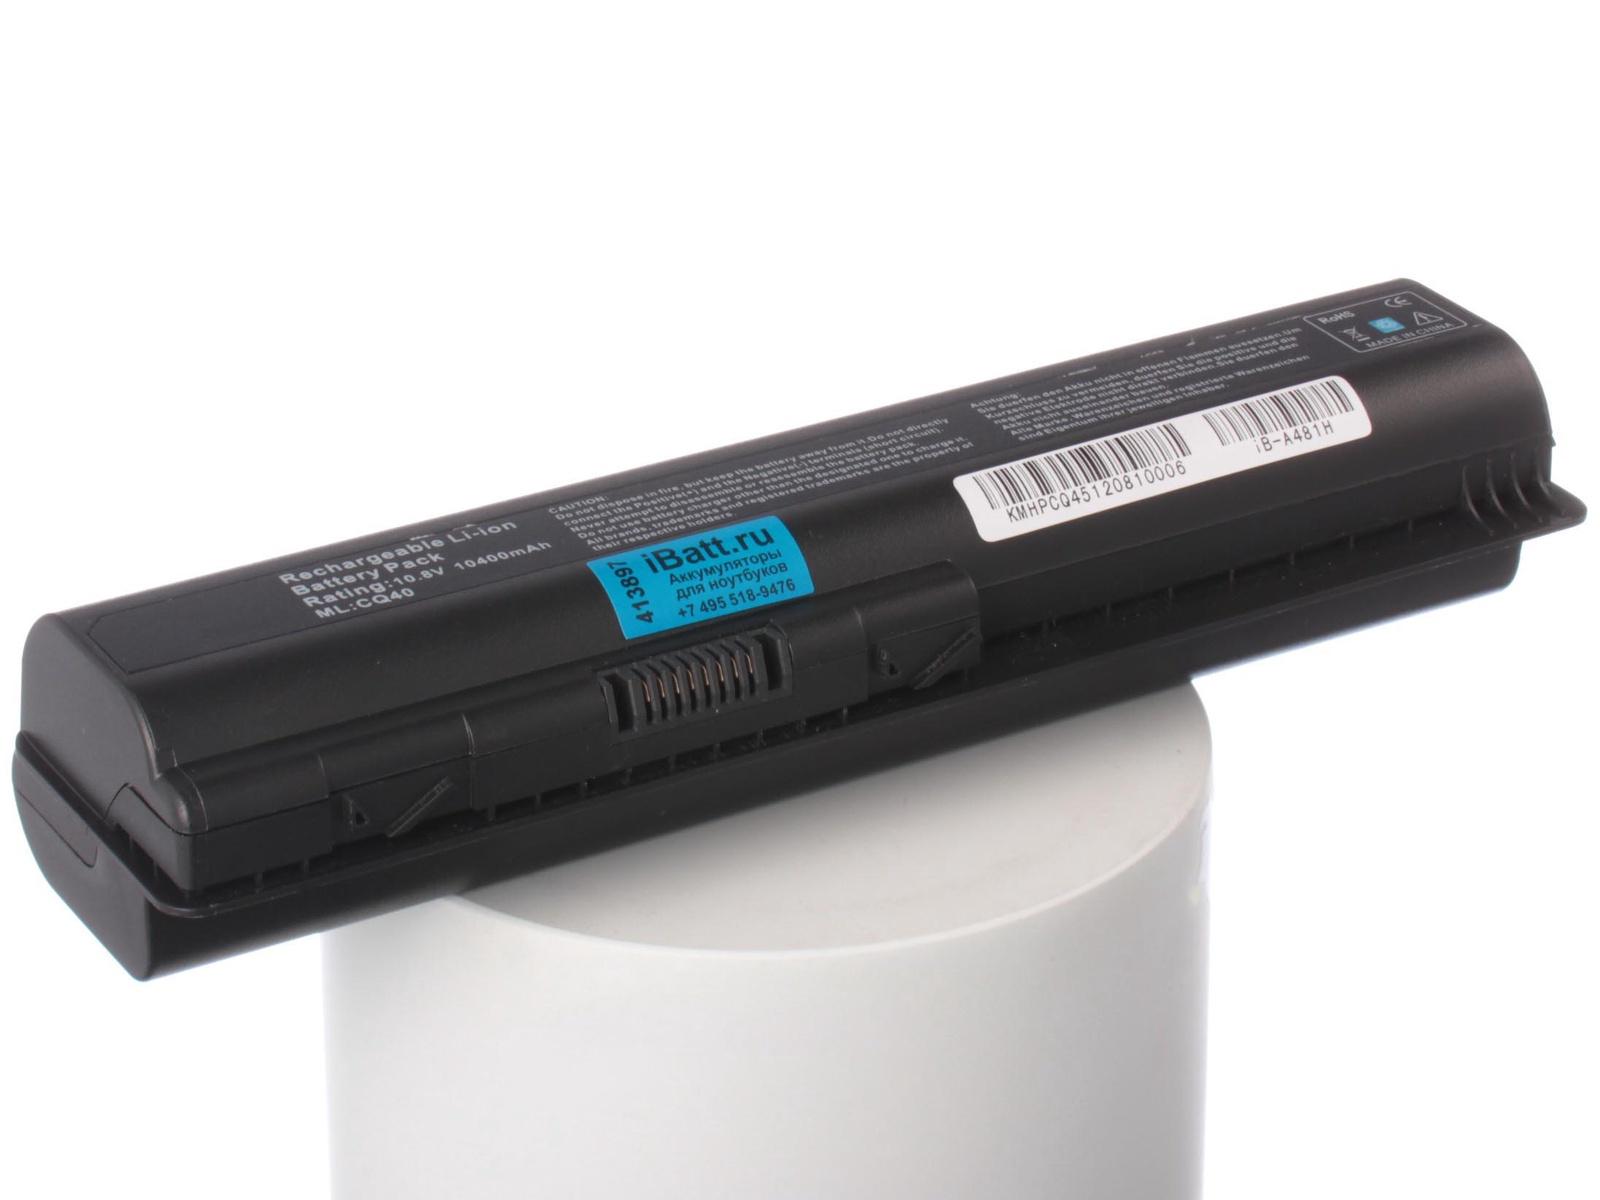 Аккумулятор для ноутбука iBatt для HP-Compaq Presario CQ61-318ER, Presario CQ61-321ER, Presario CQ61-317ER, Presario CQ61-425ER, Pavilion dv5-1120er, Pavilion dv5-1199er, Pavilion dv5-1177er, Pavilion dv6-2130er